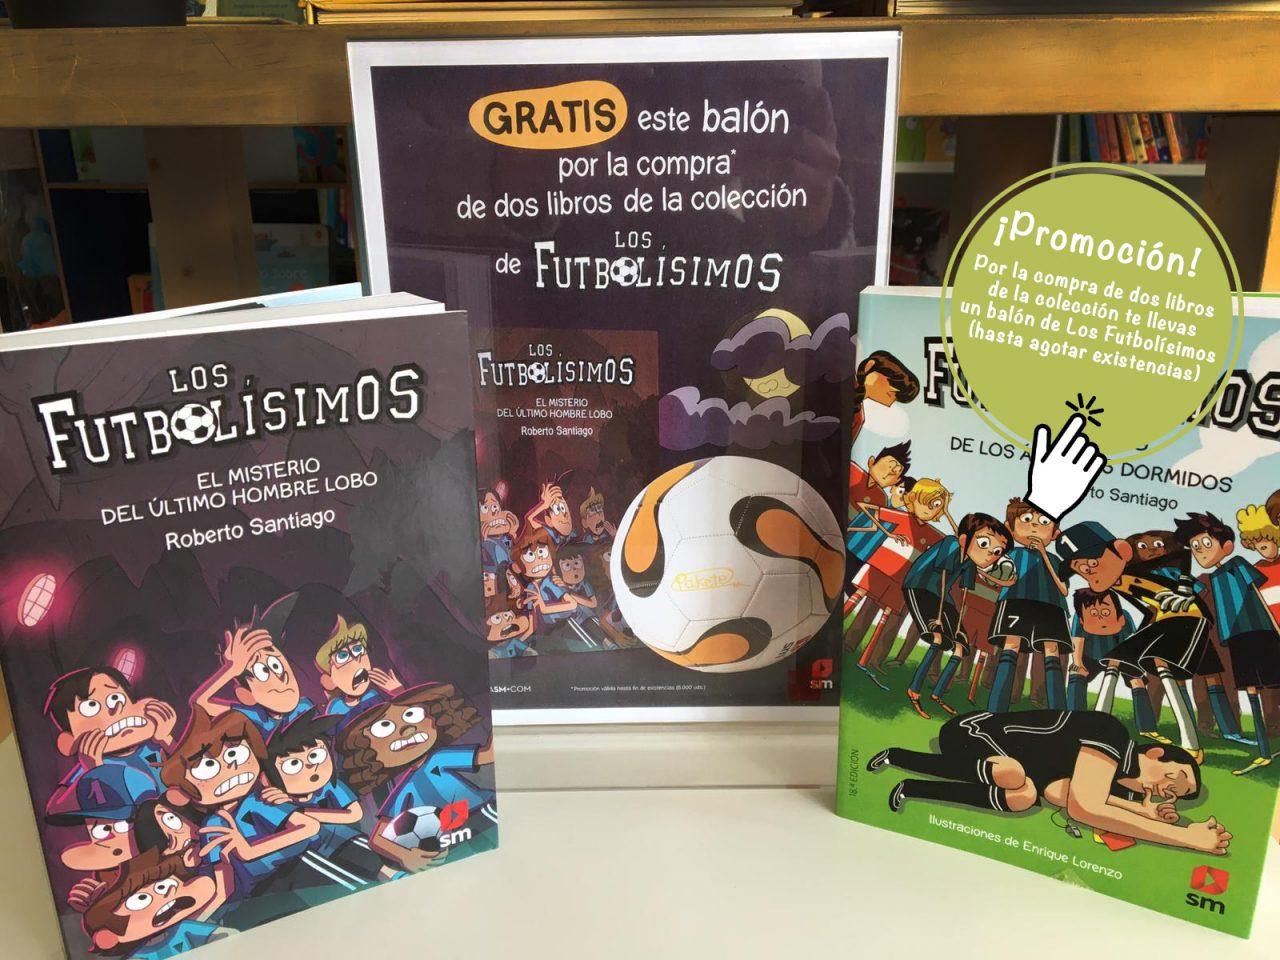 Promo balón Futbolisimos